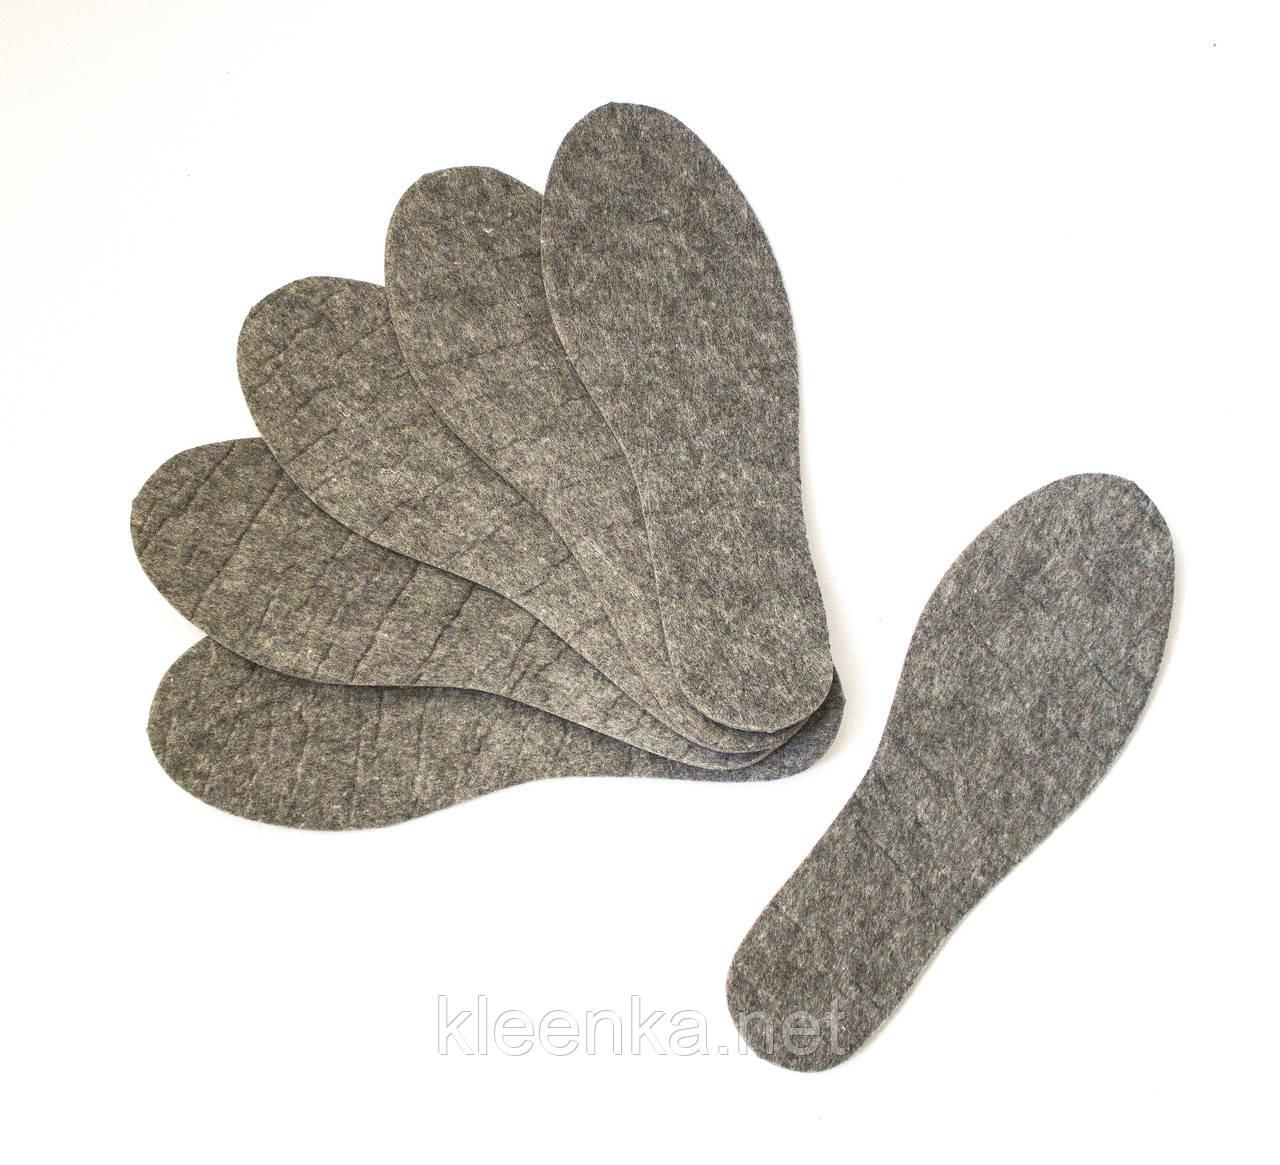 Стельки фетровые теплые унисекс, размер 37-45